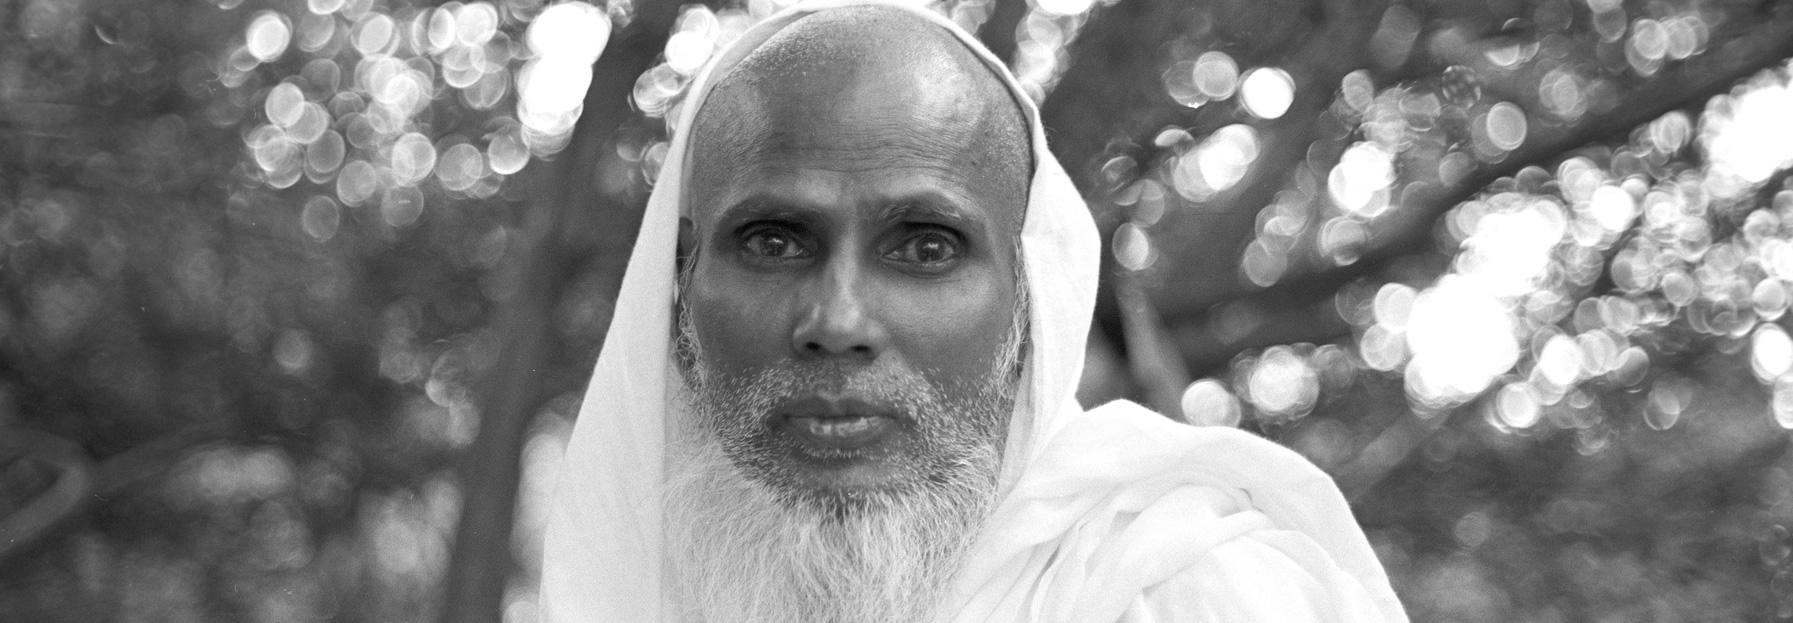 sufi-bawa